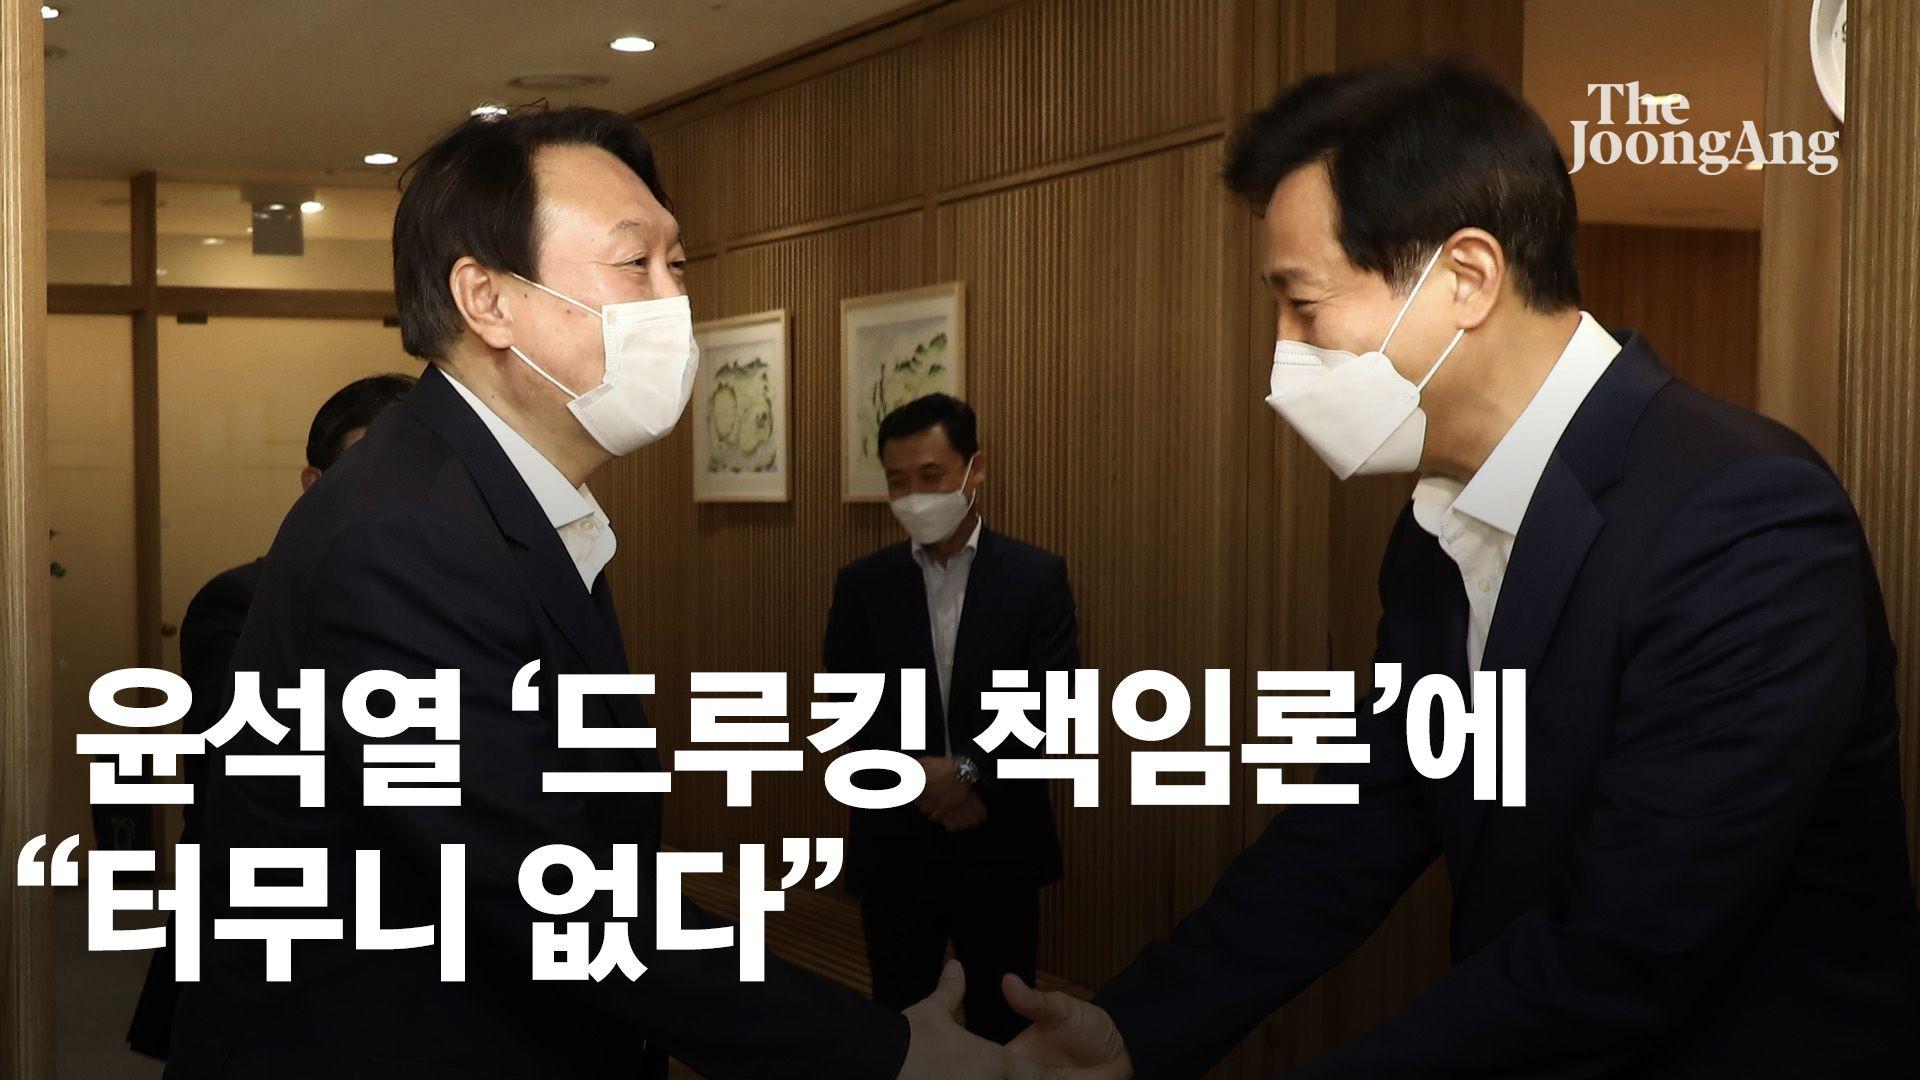 """""""드루킹 원죄론, 터무니 없다""""…윤석열 '국힘 8월 입당설'엔 """"늦지 않게 결정"""""""